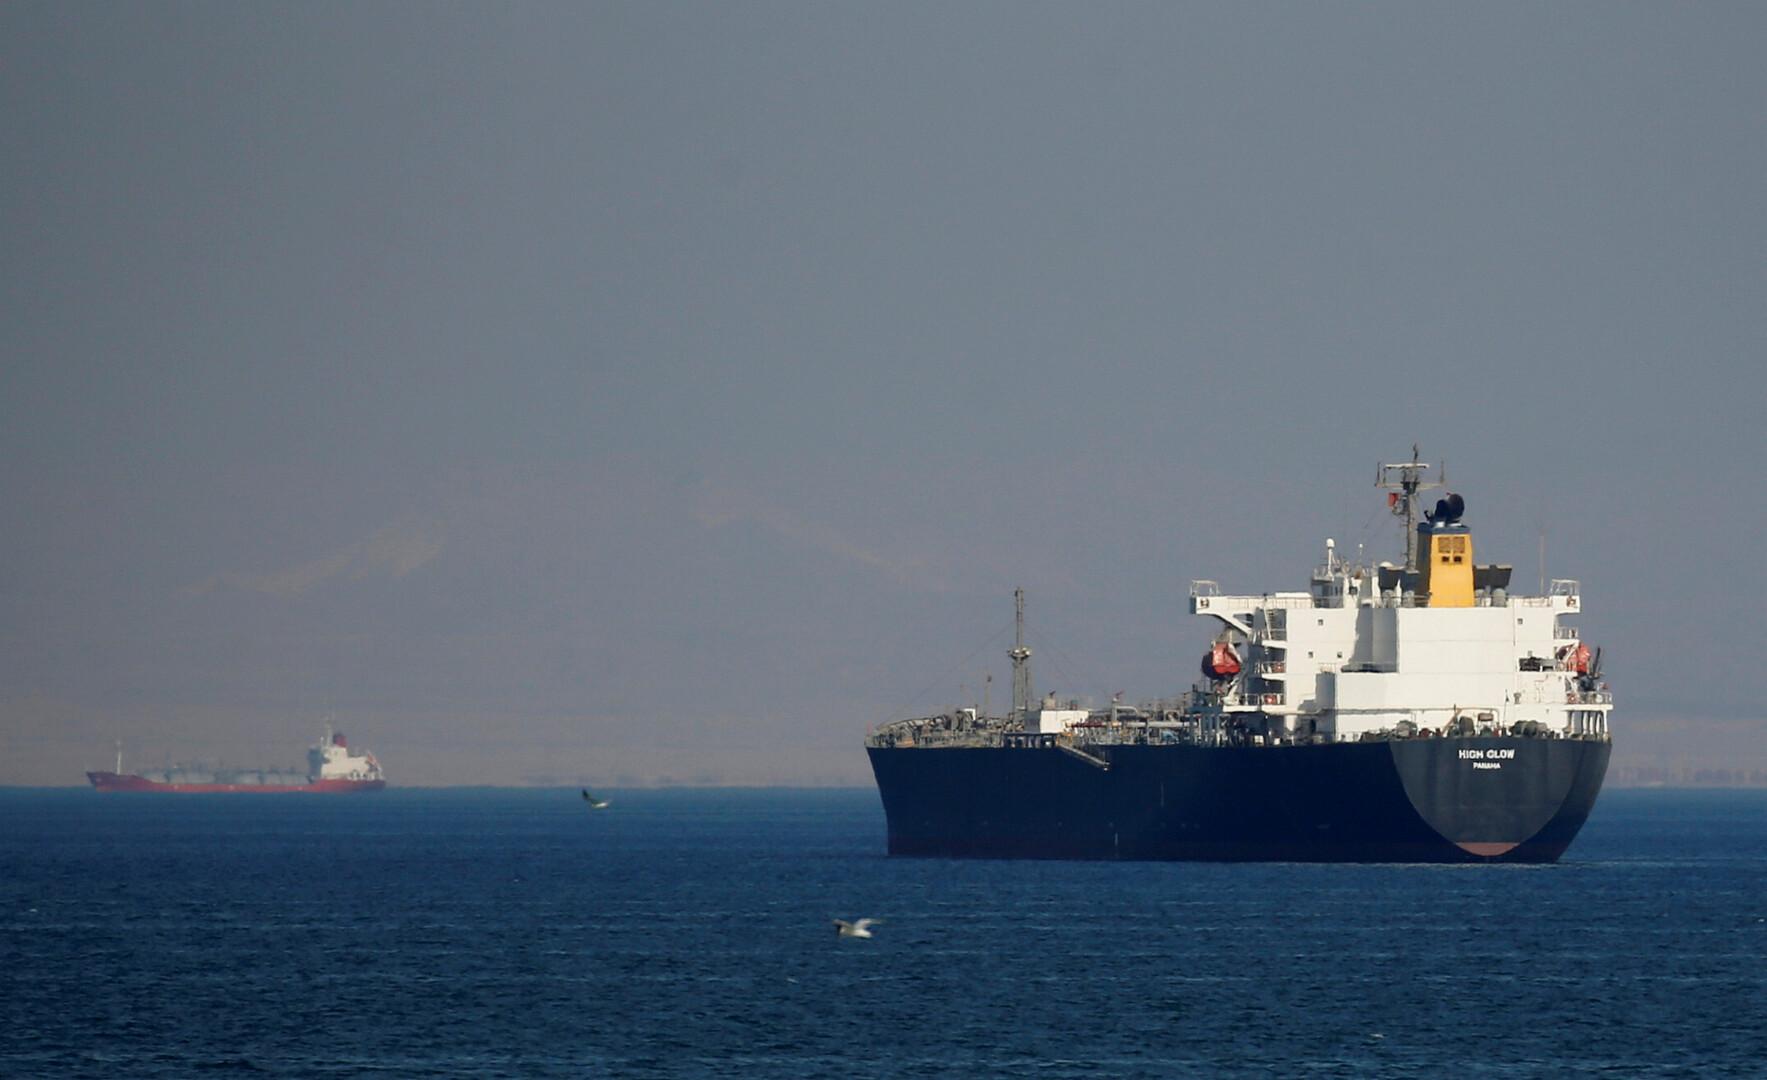 الإمارات تستحوذ على مناطق بترول في خليج السويس بمصر